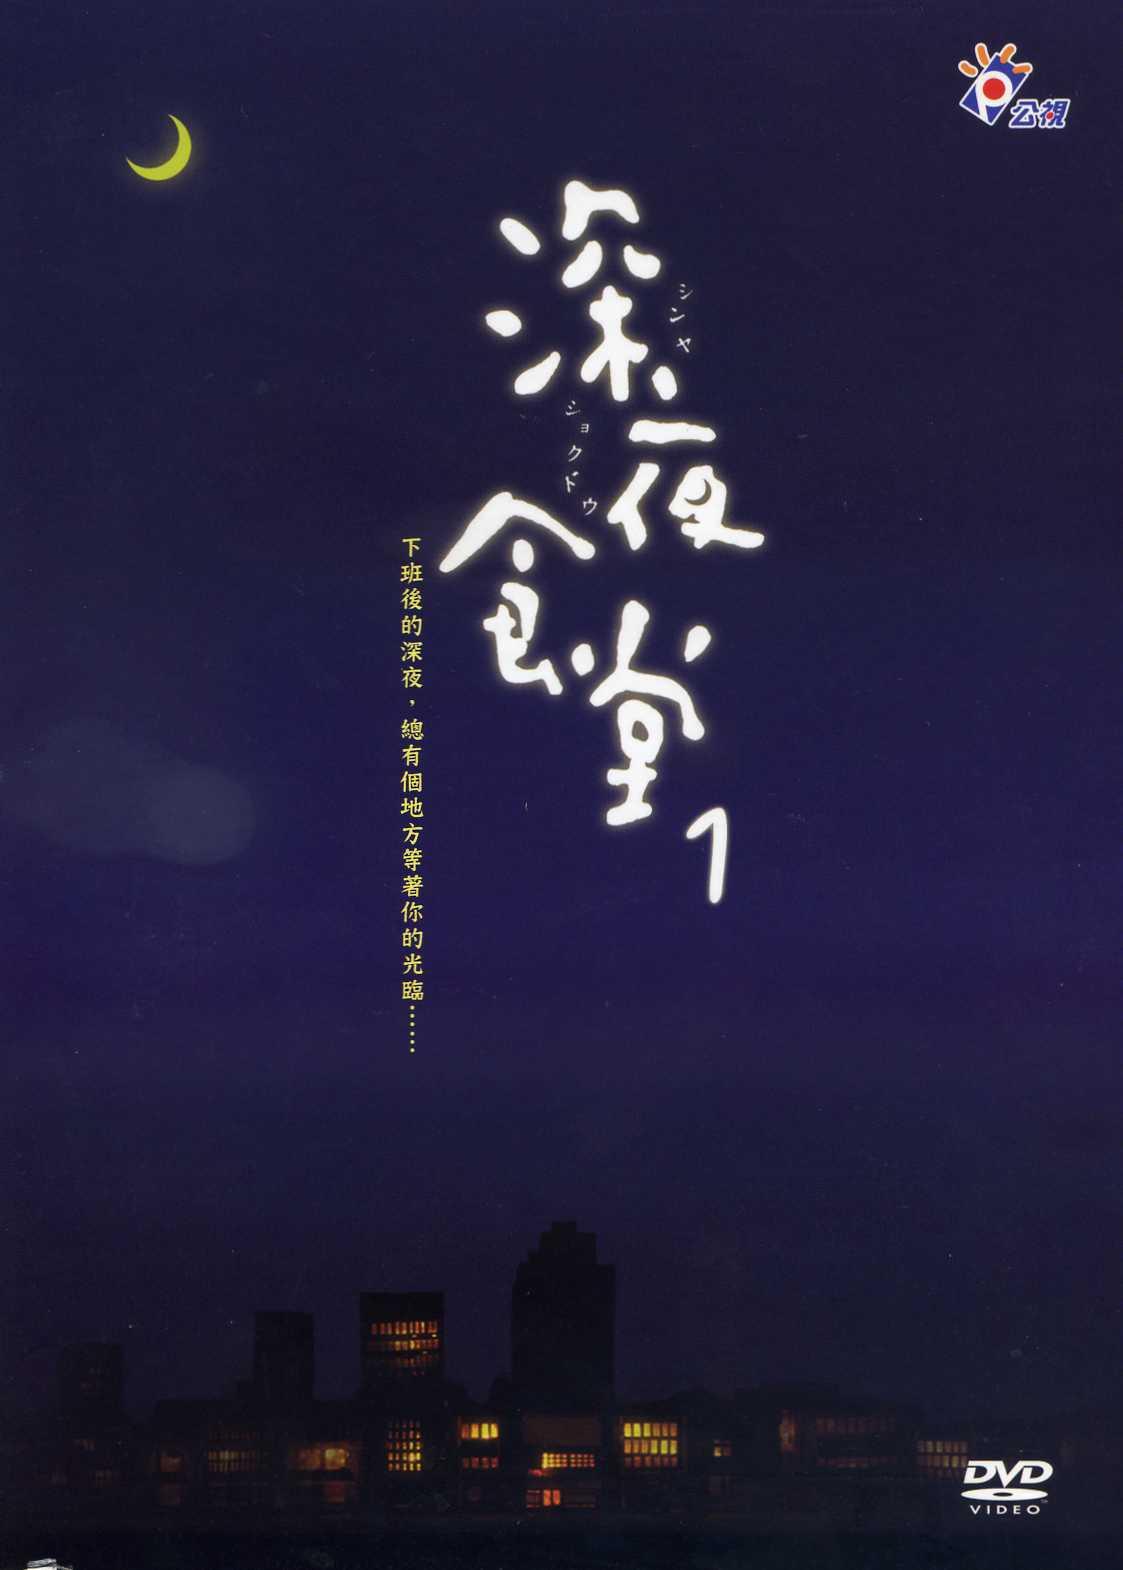 深夜食堂. シンヤ ショクドウ [錄影資料] / 1-2 =